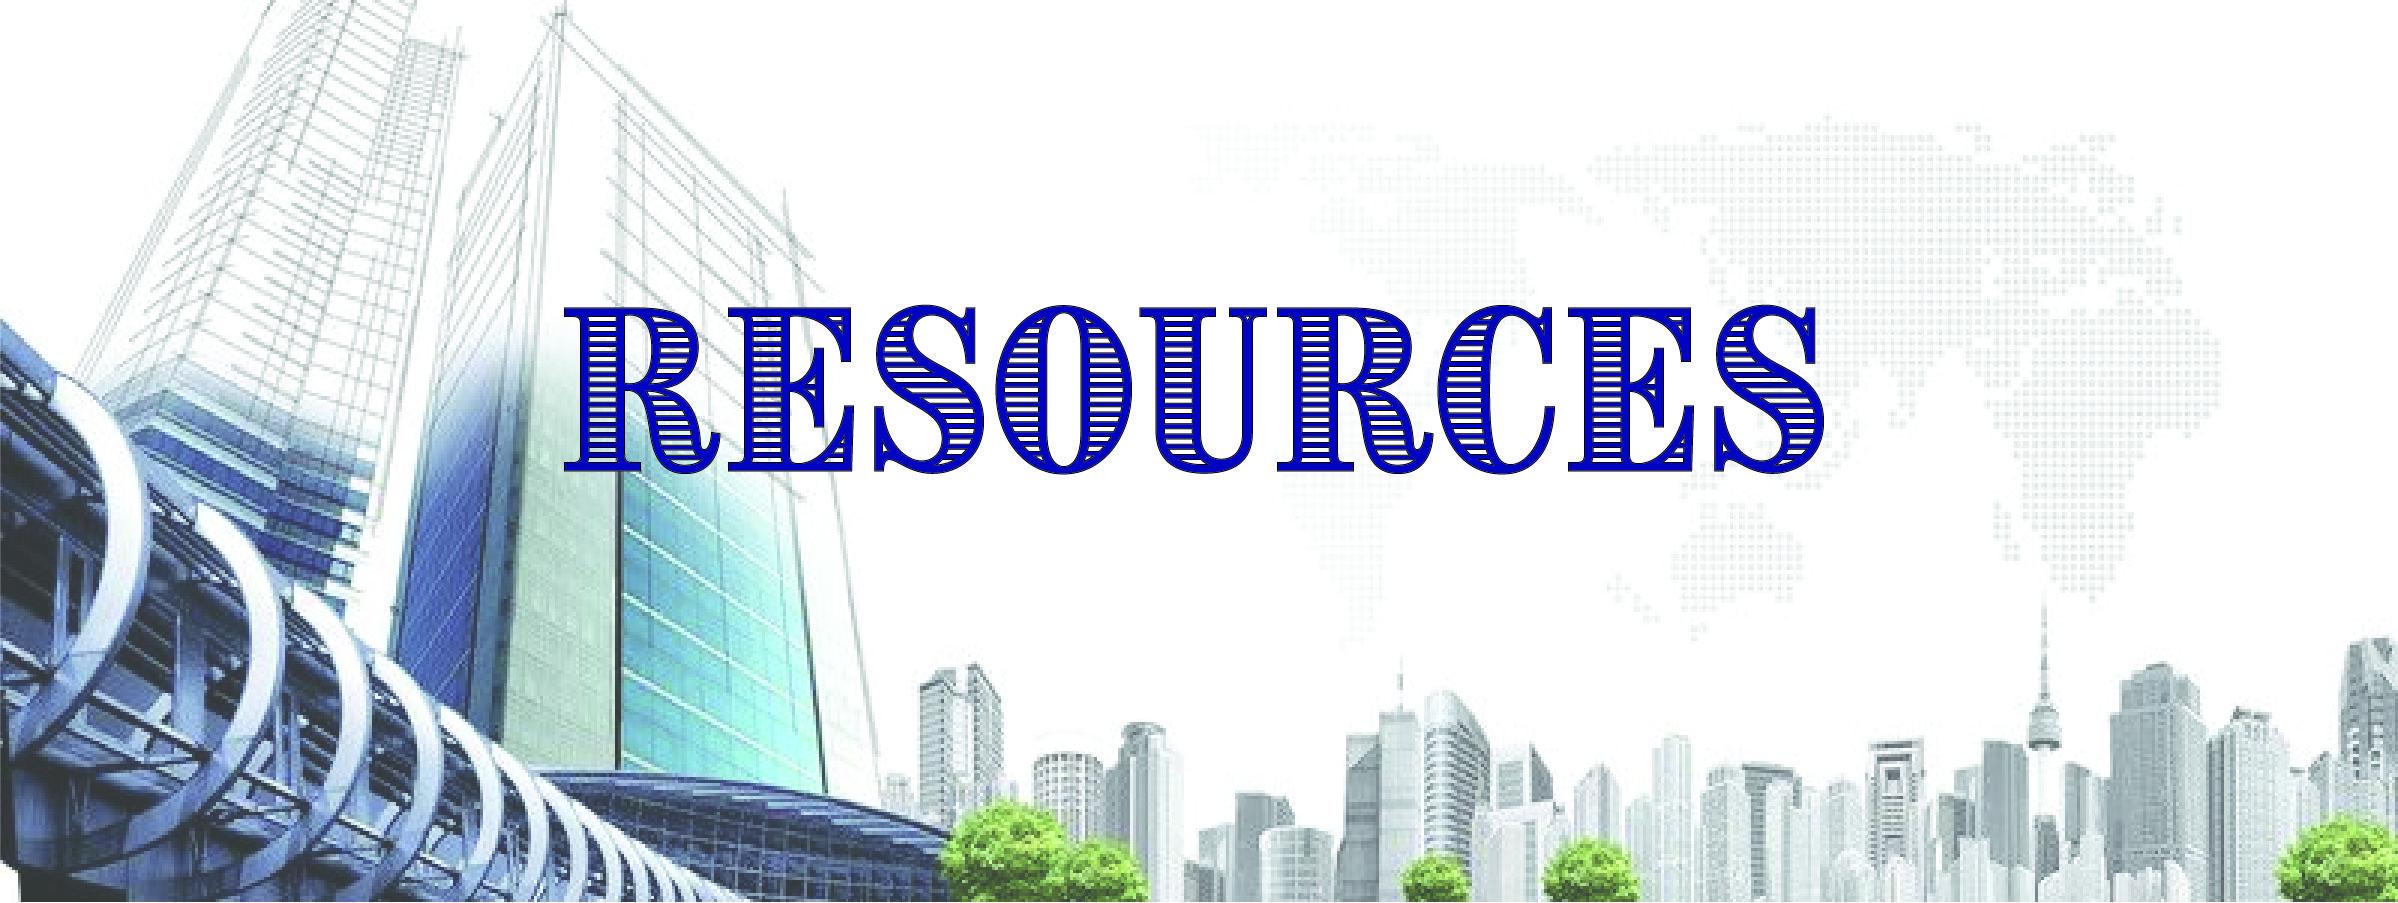 resources_header.jpg